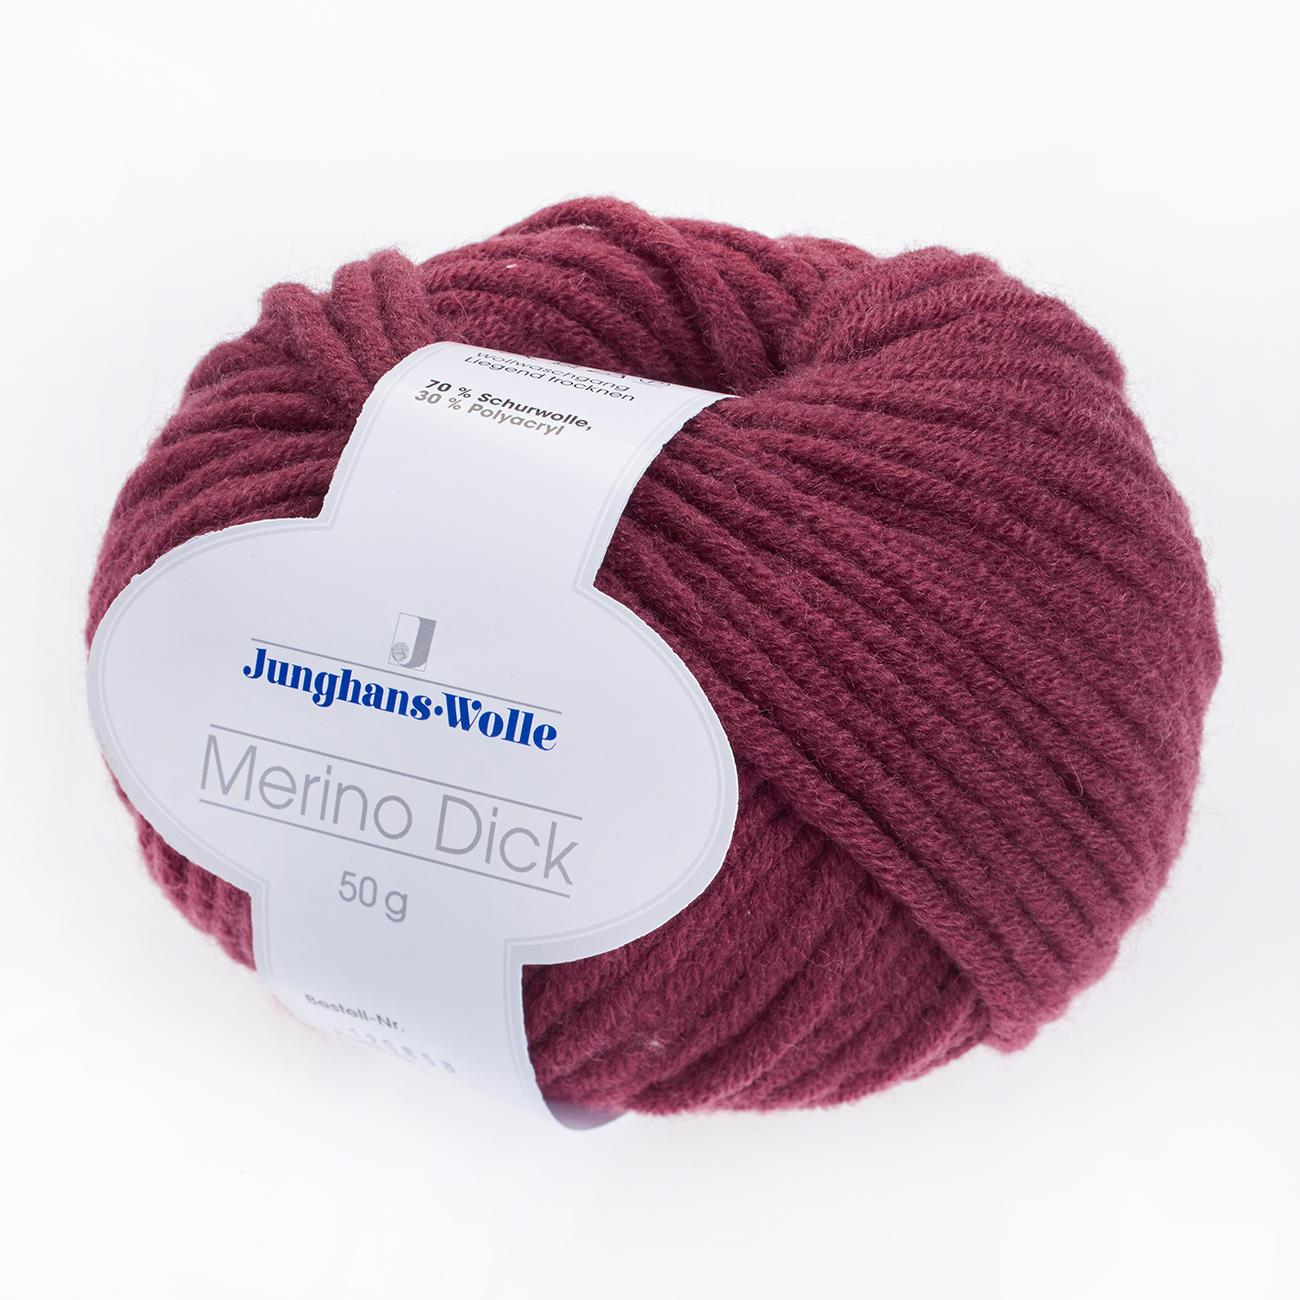 Merino dick von junghans wolle 18 versch farben - Junghanns wolle ...